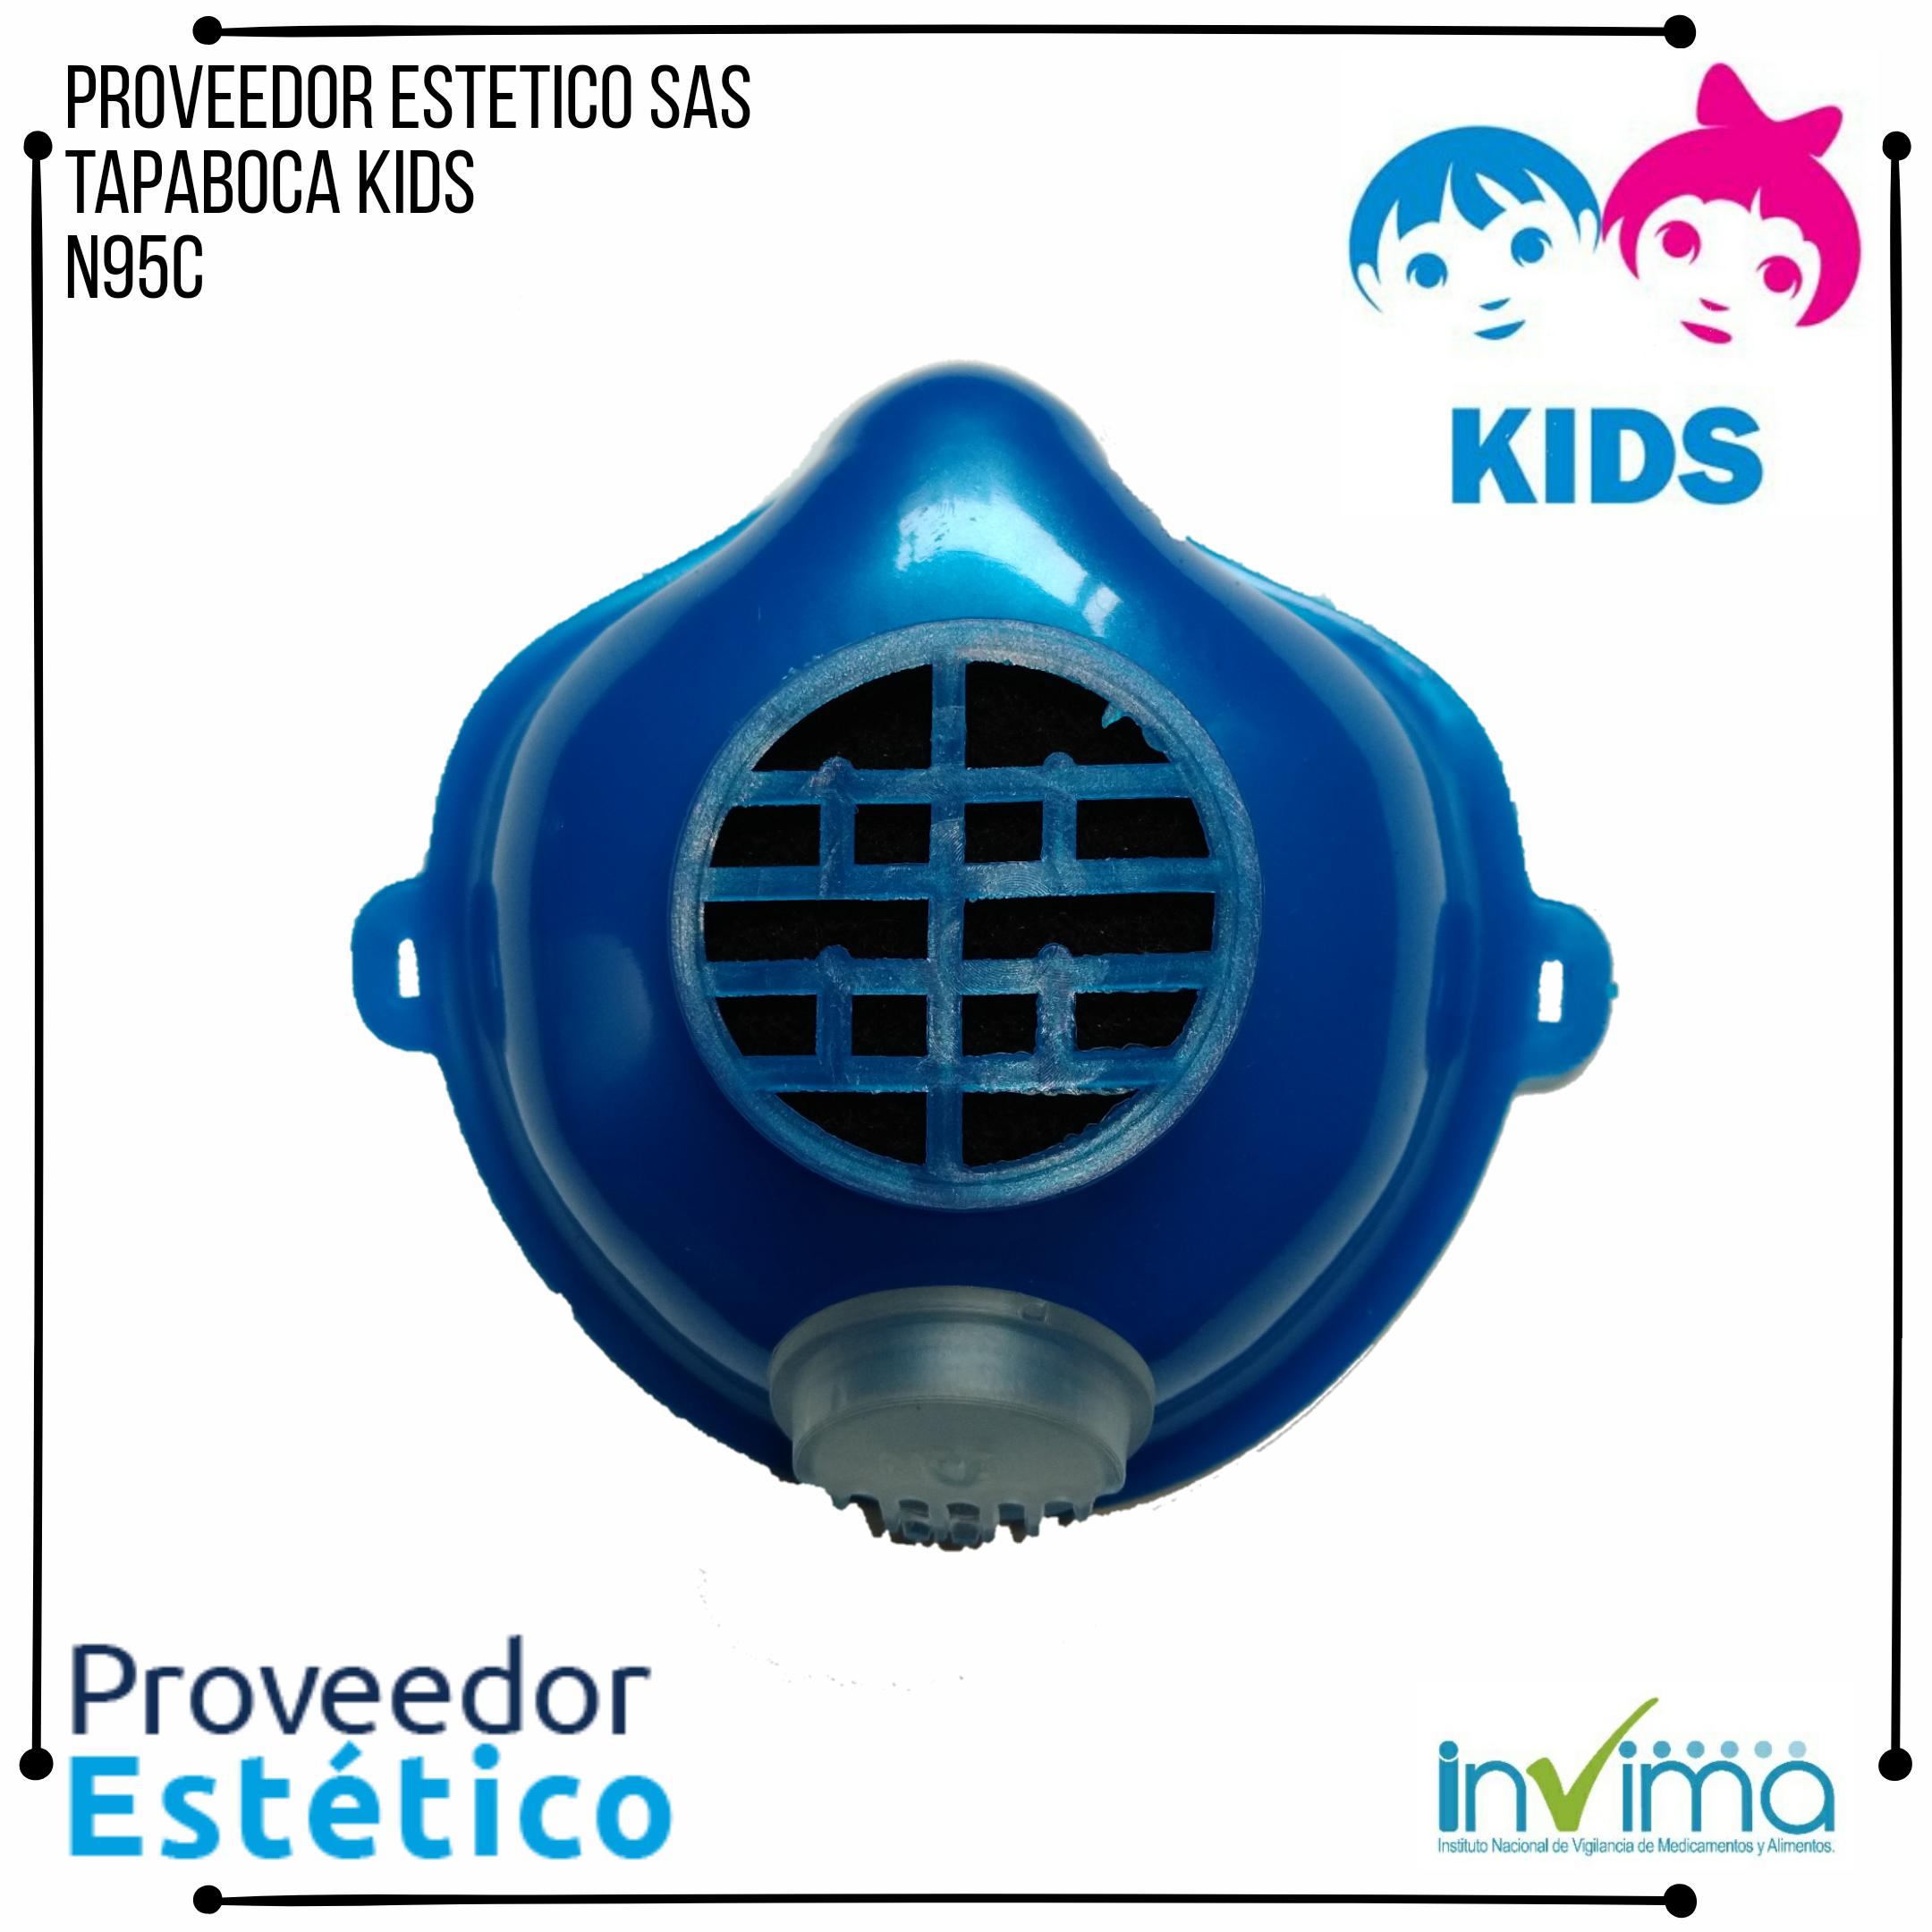 https://0201.nccdn.net/1_2/000/000/162/9a9/Tapaboca-N95-Kids_5--1-.png